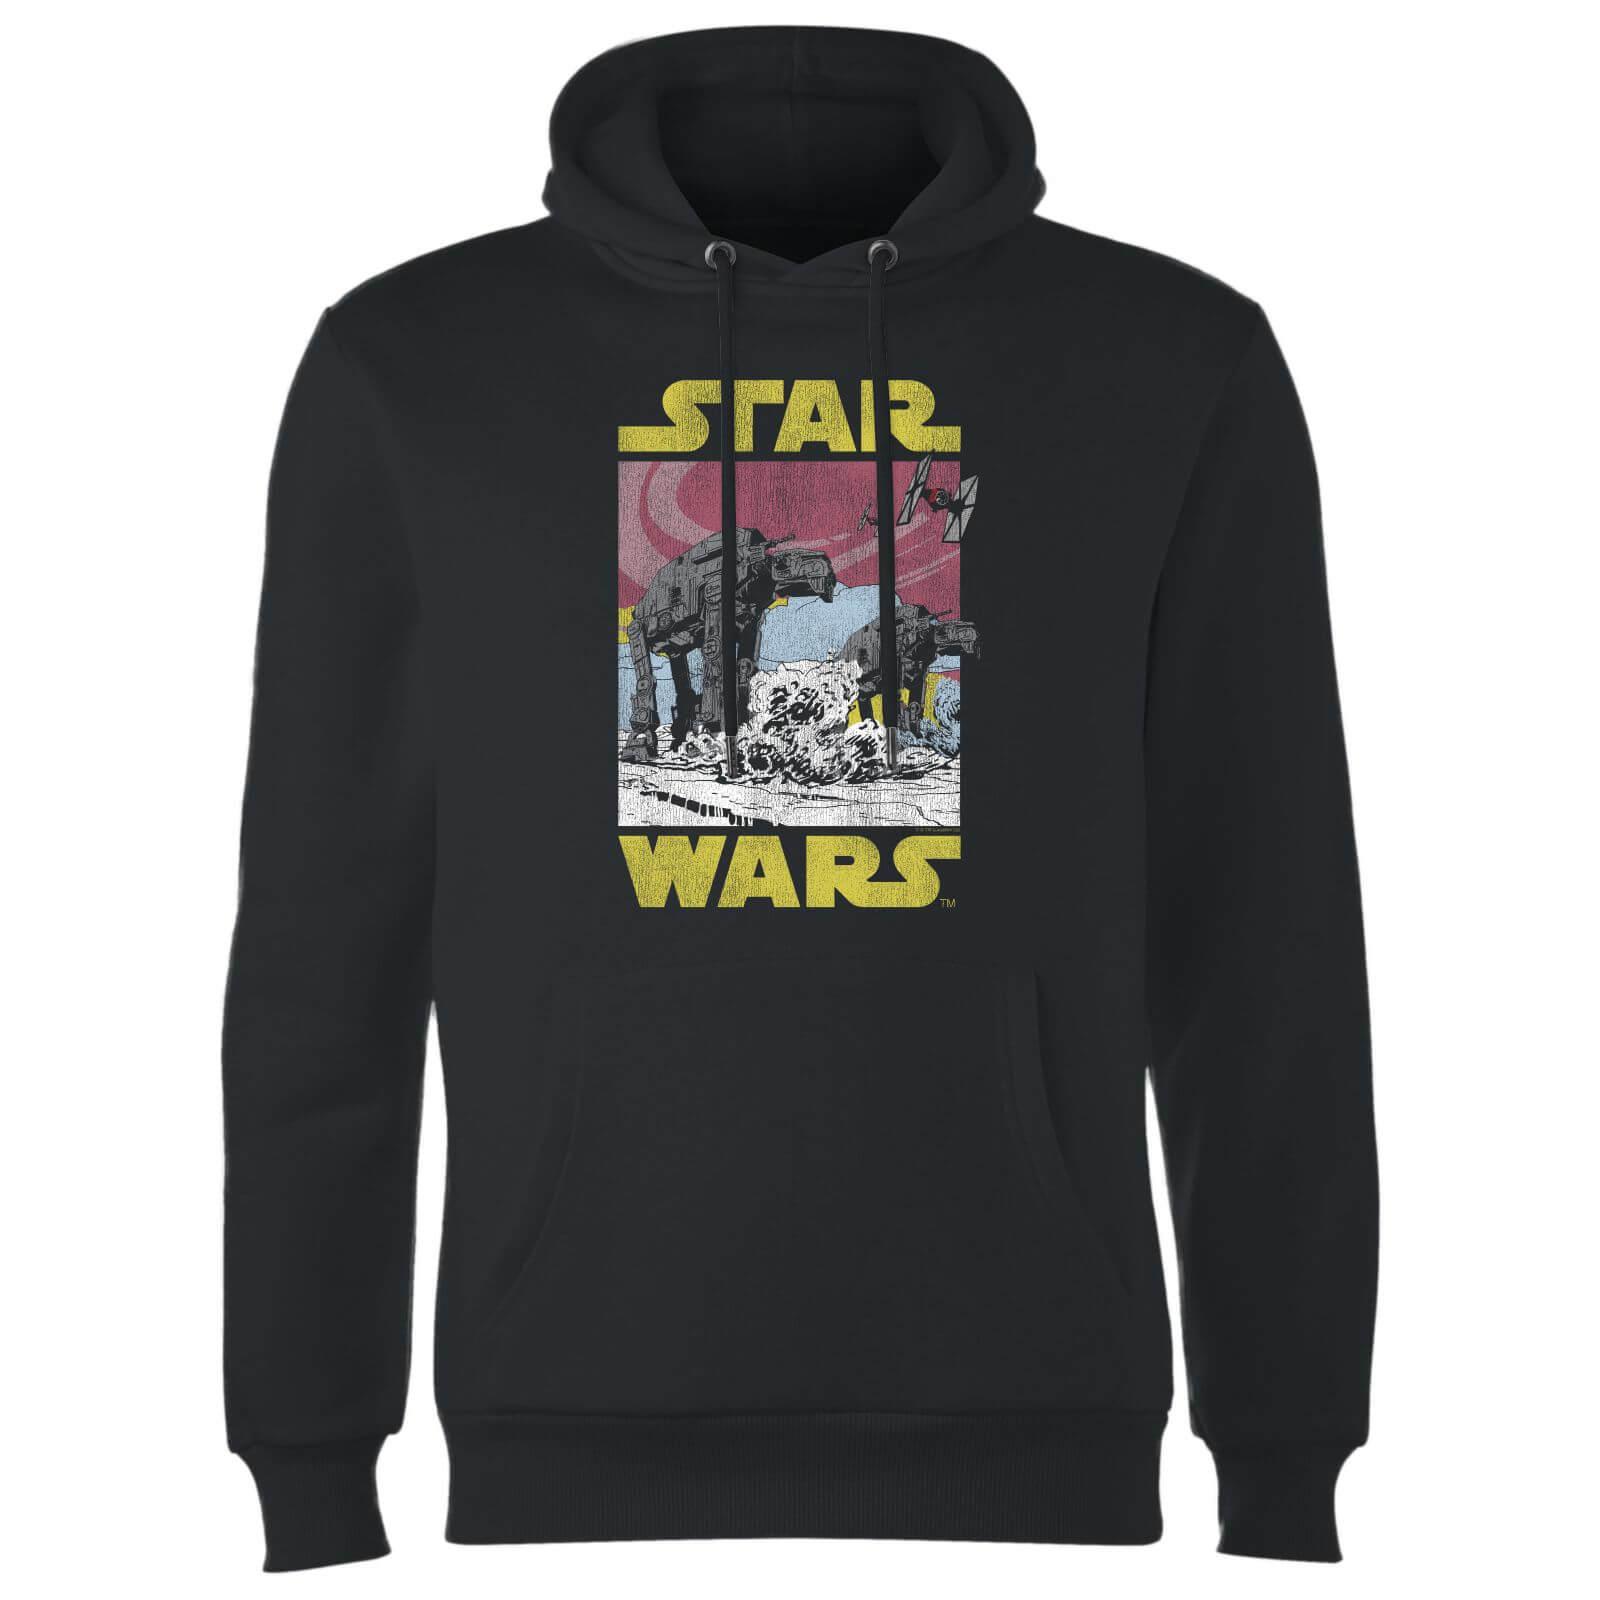 Star Wars ATAT Hoodie - Black - L